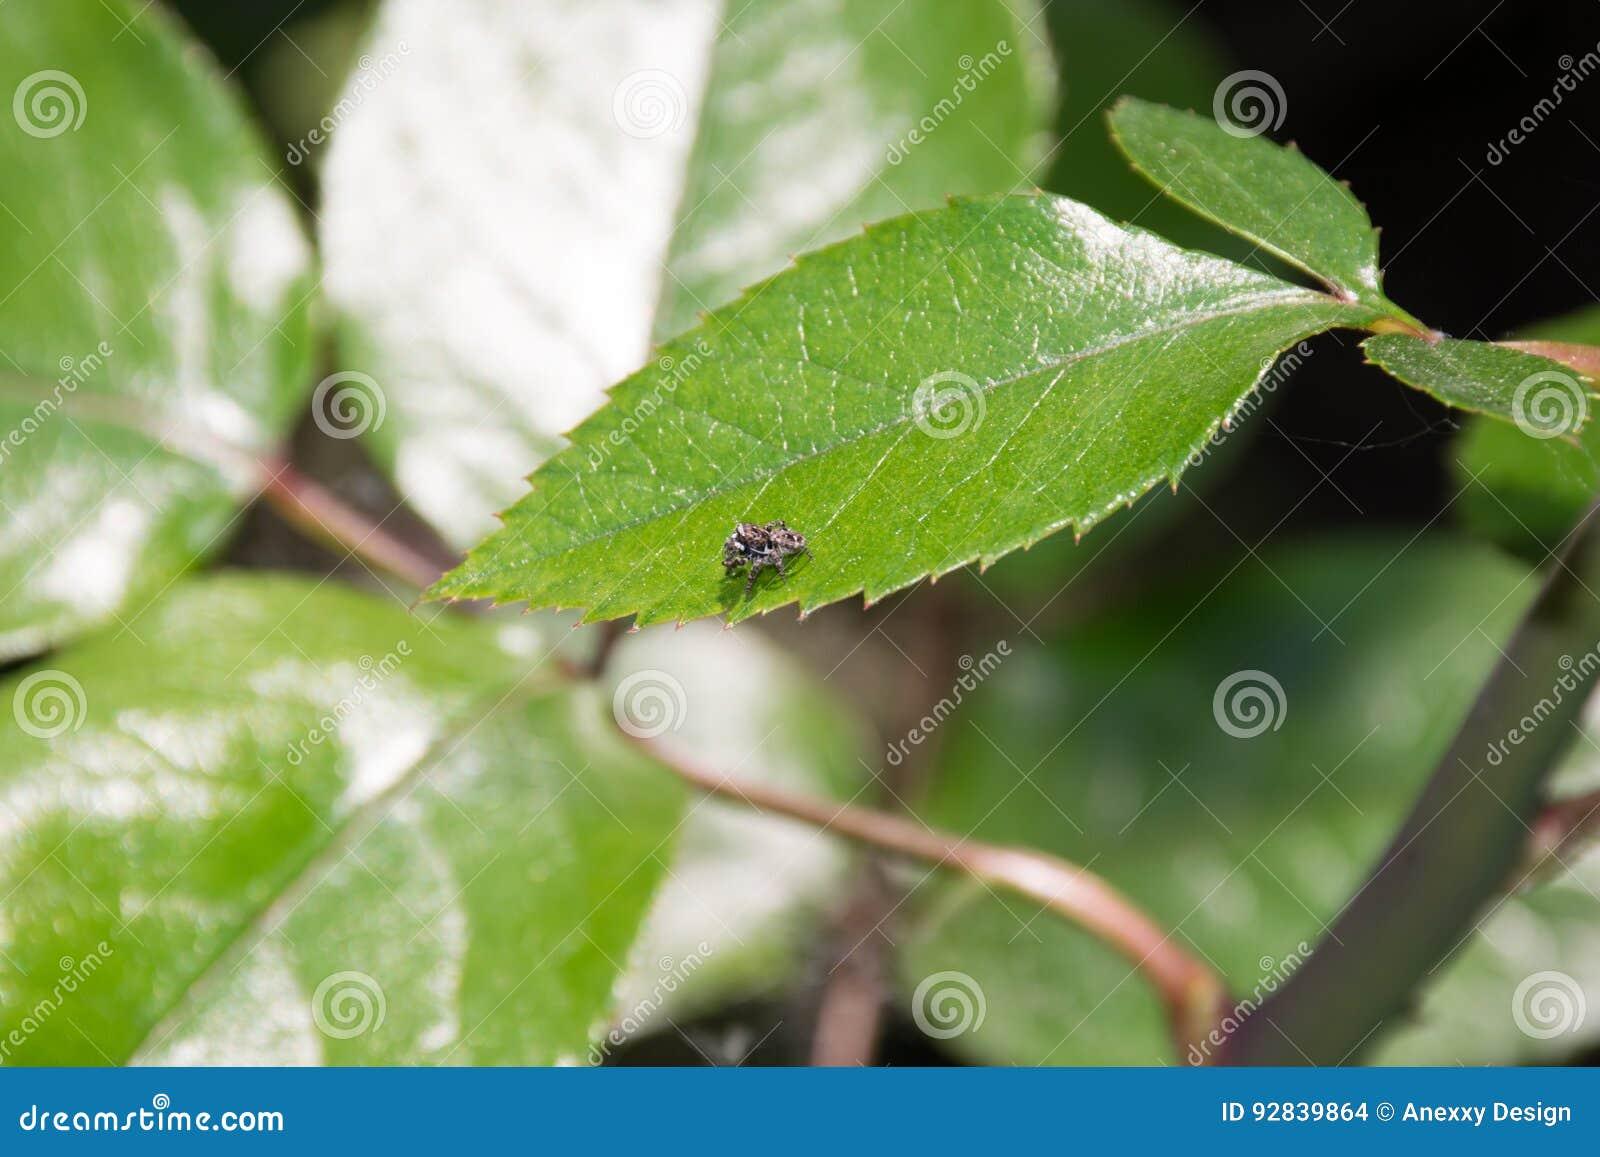 Спайдер на листьях